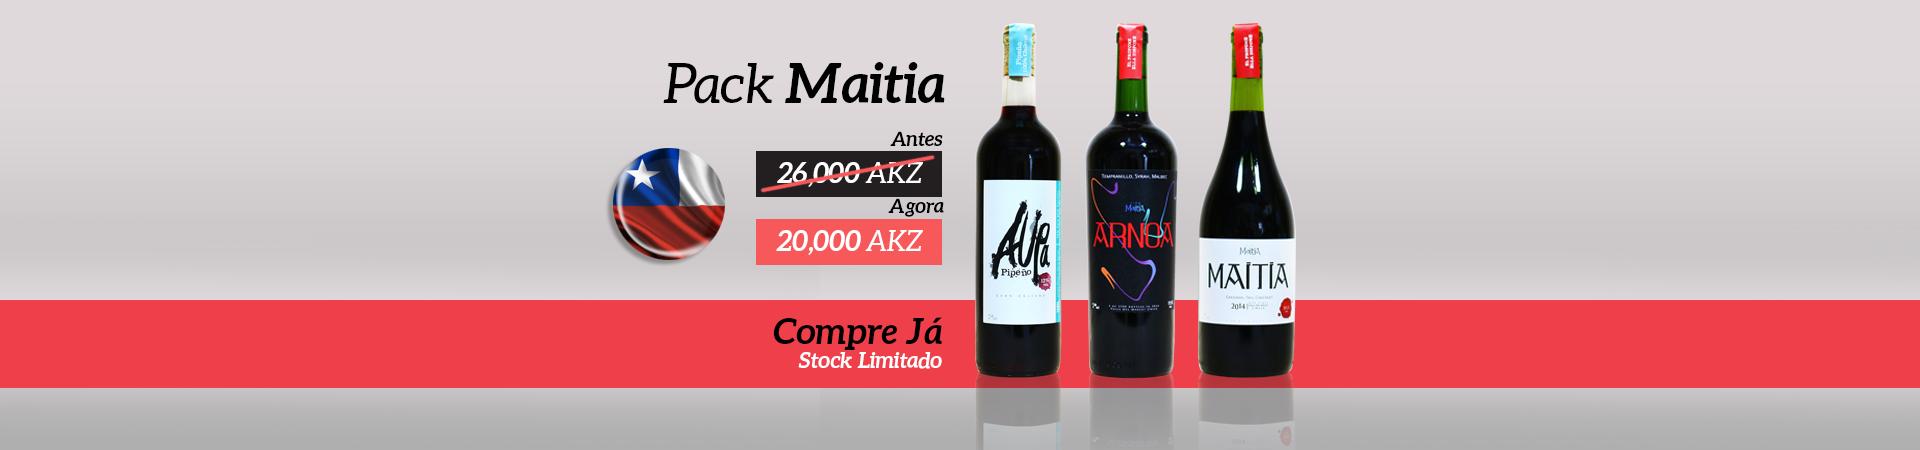 Pack Maitia